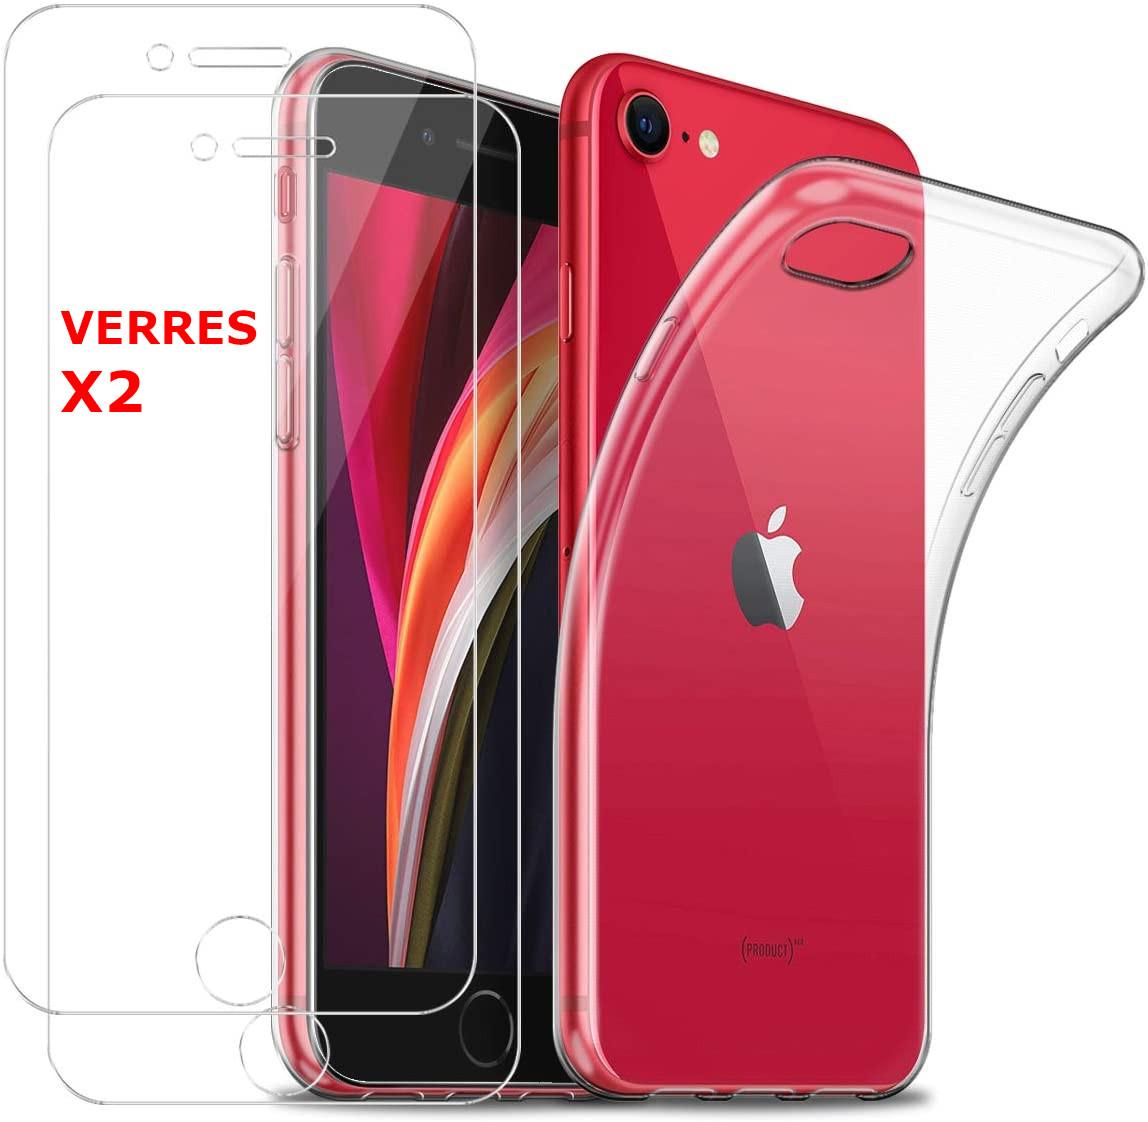 Coque Silicone Transparente Pour iPhone 7 / 8 + 2 Verres Trempe - Little Boutik®